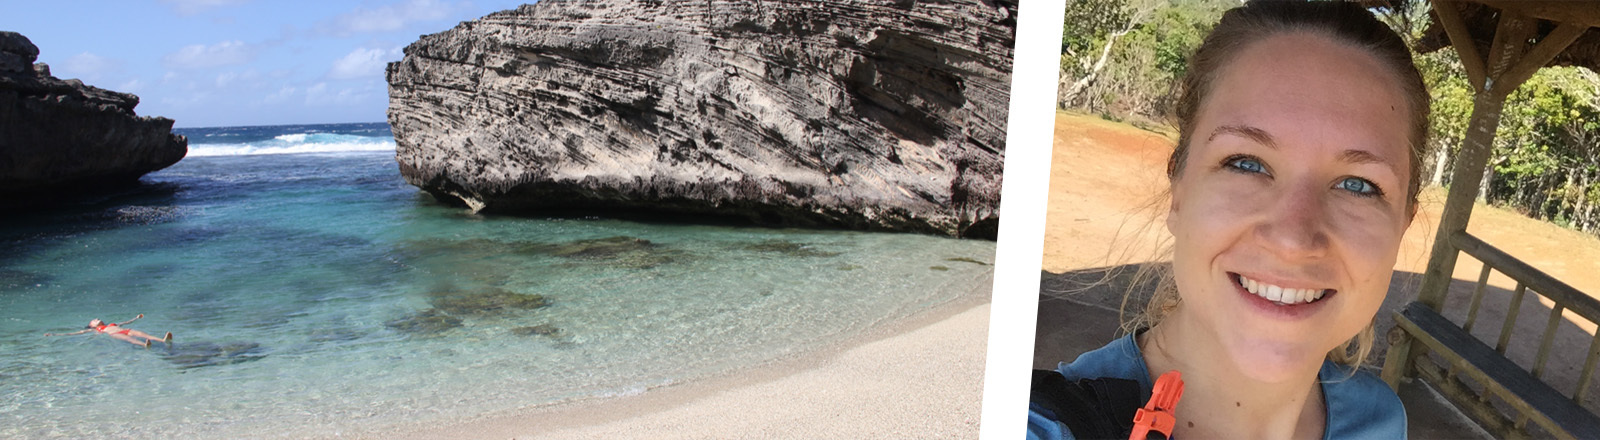 Fiona Kau schwimmt auf dem Rücken im Meer am Strand von Mauritius und Fiona beim Traillaufen